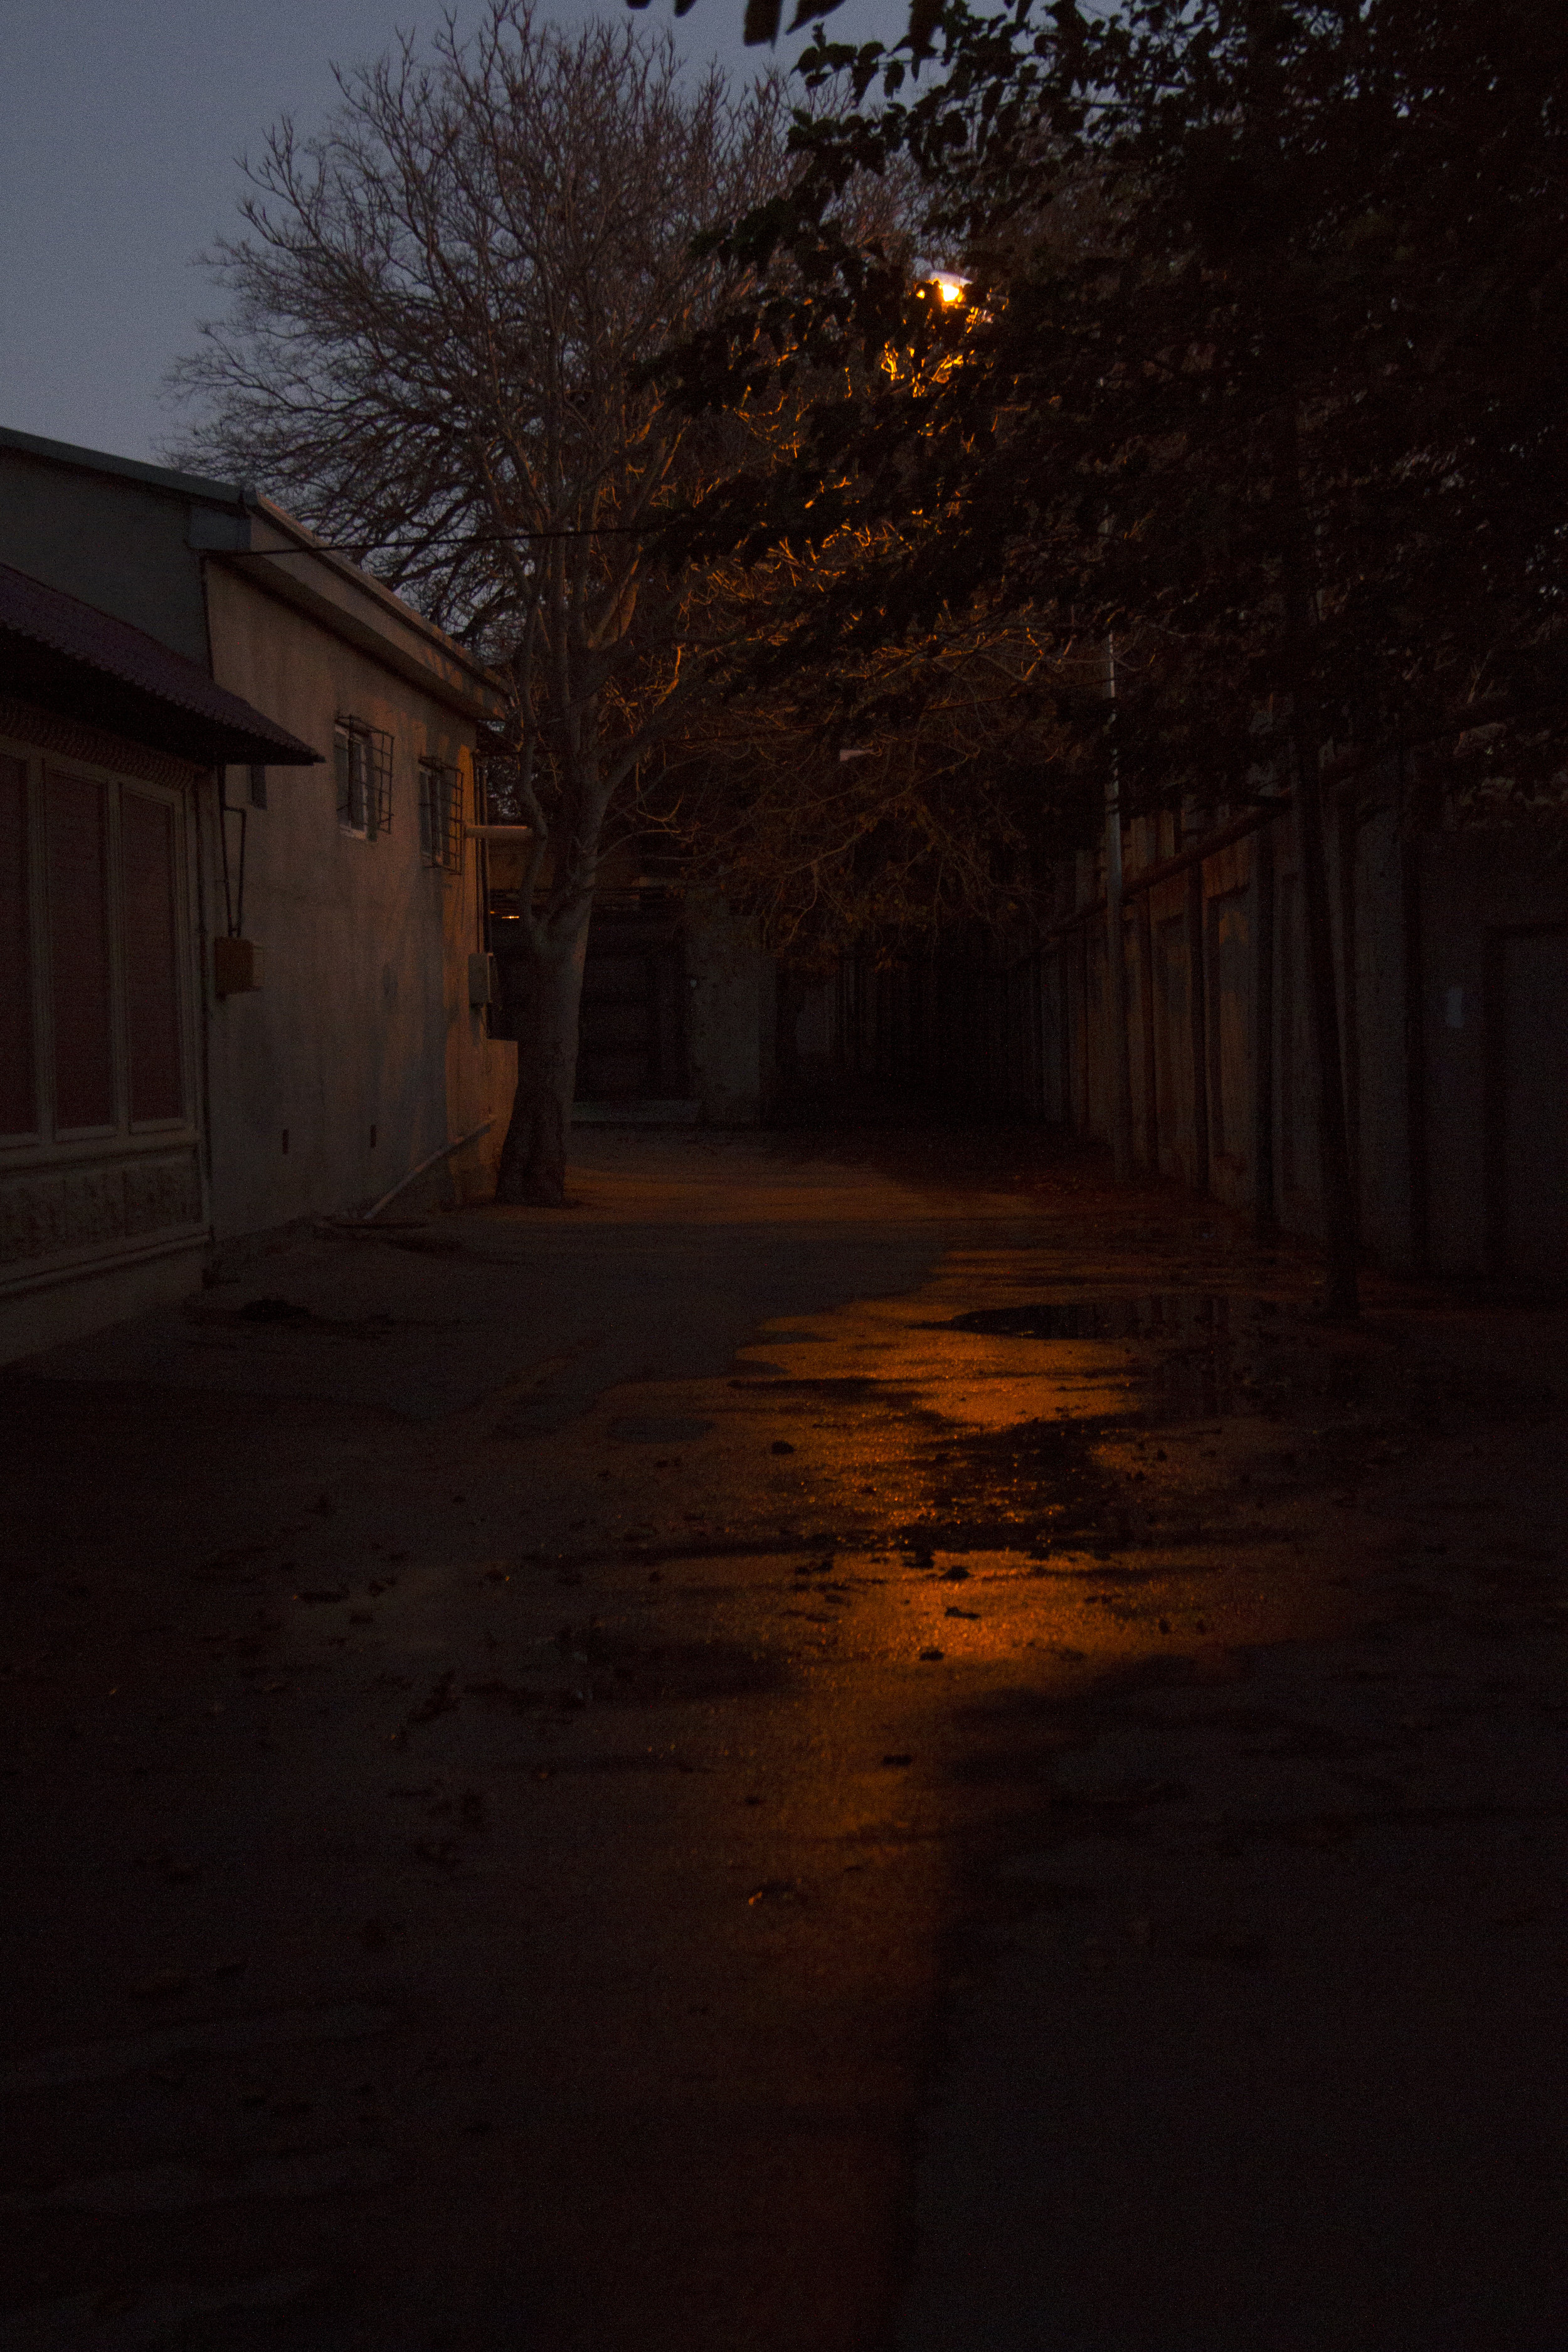 Urban decay 20.jpg